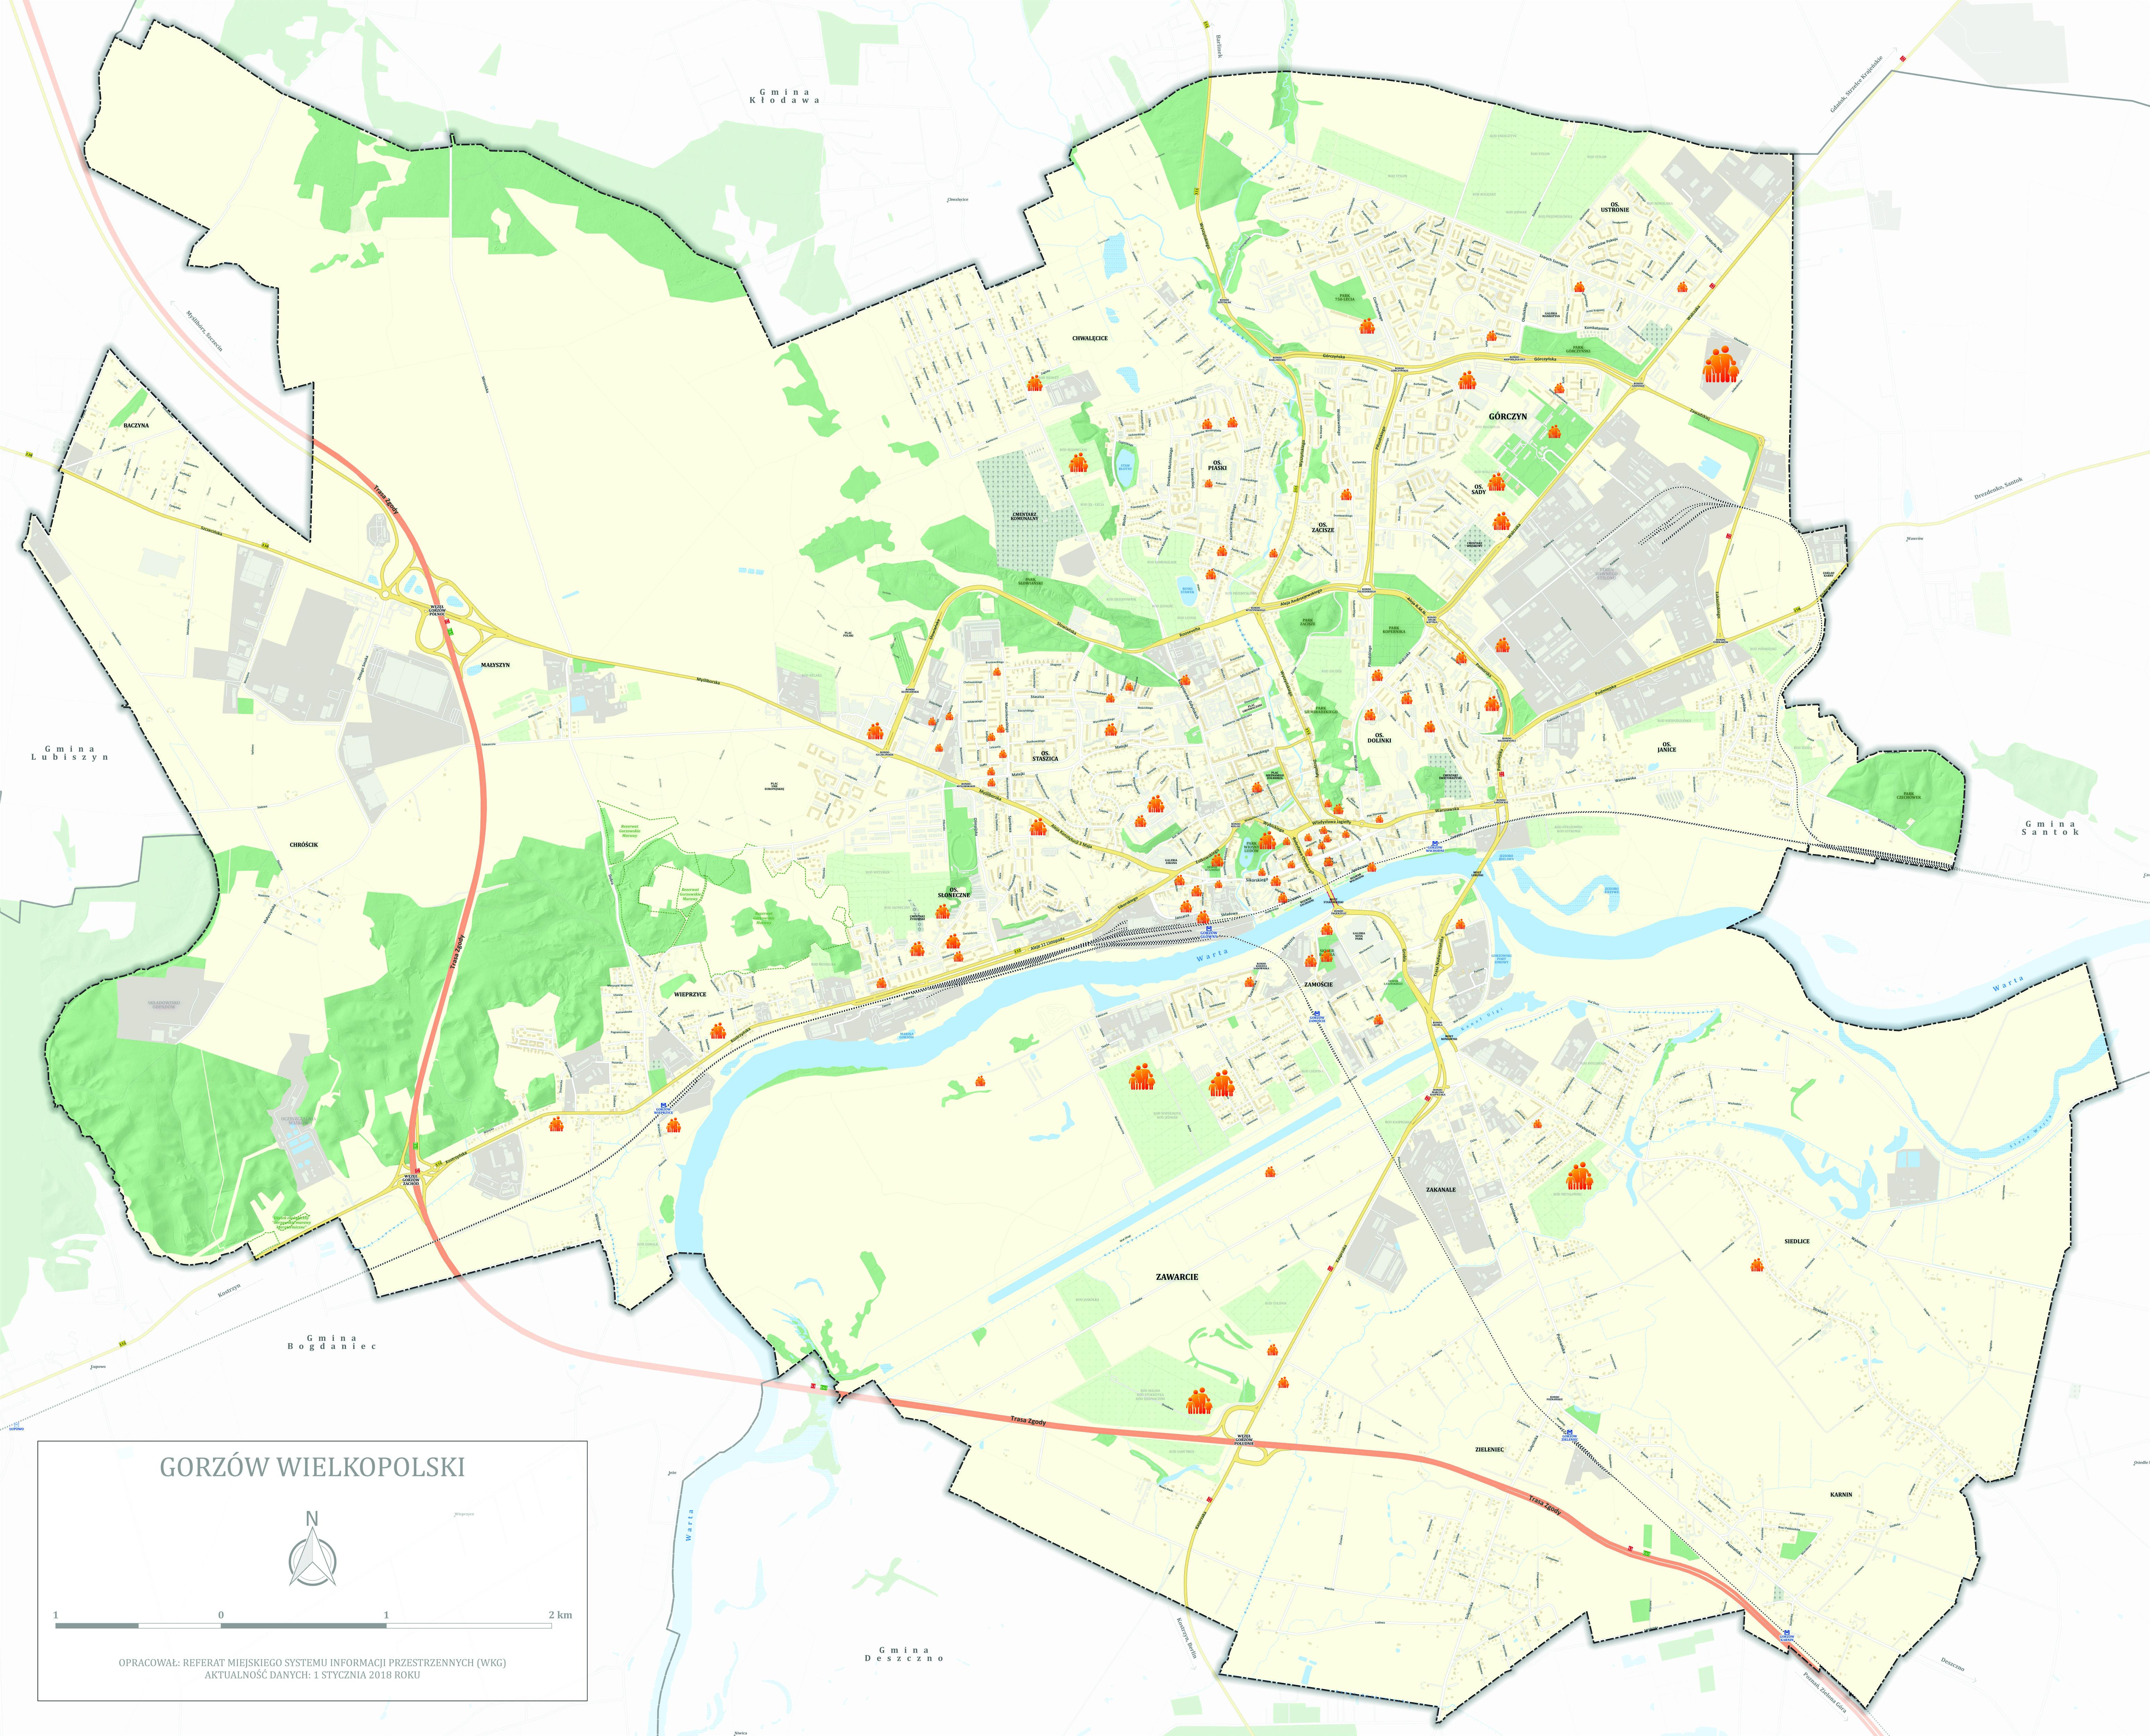 mapa przebywania osób bezdomnych